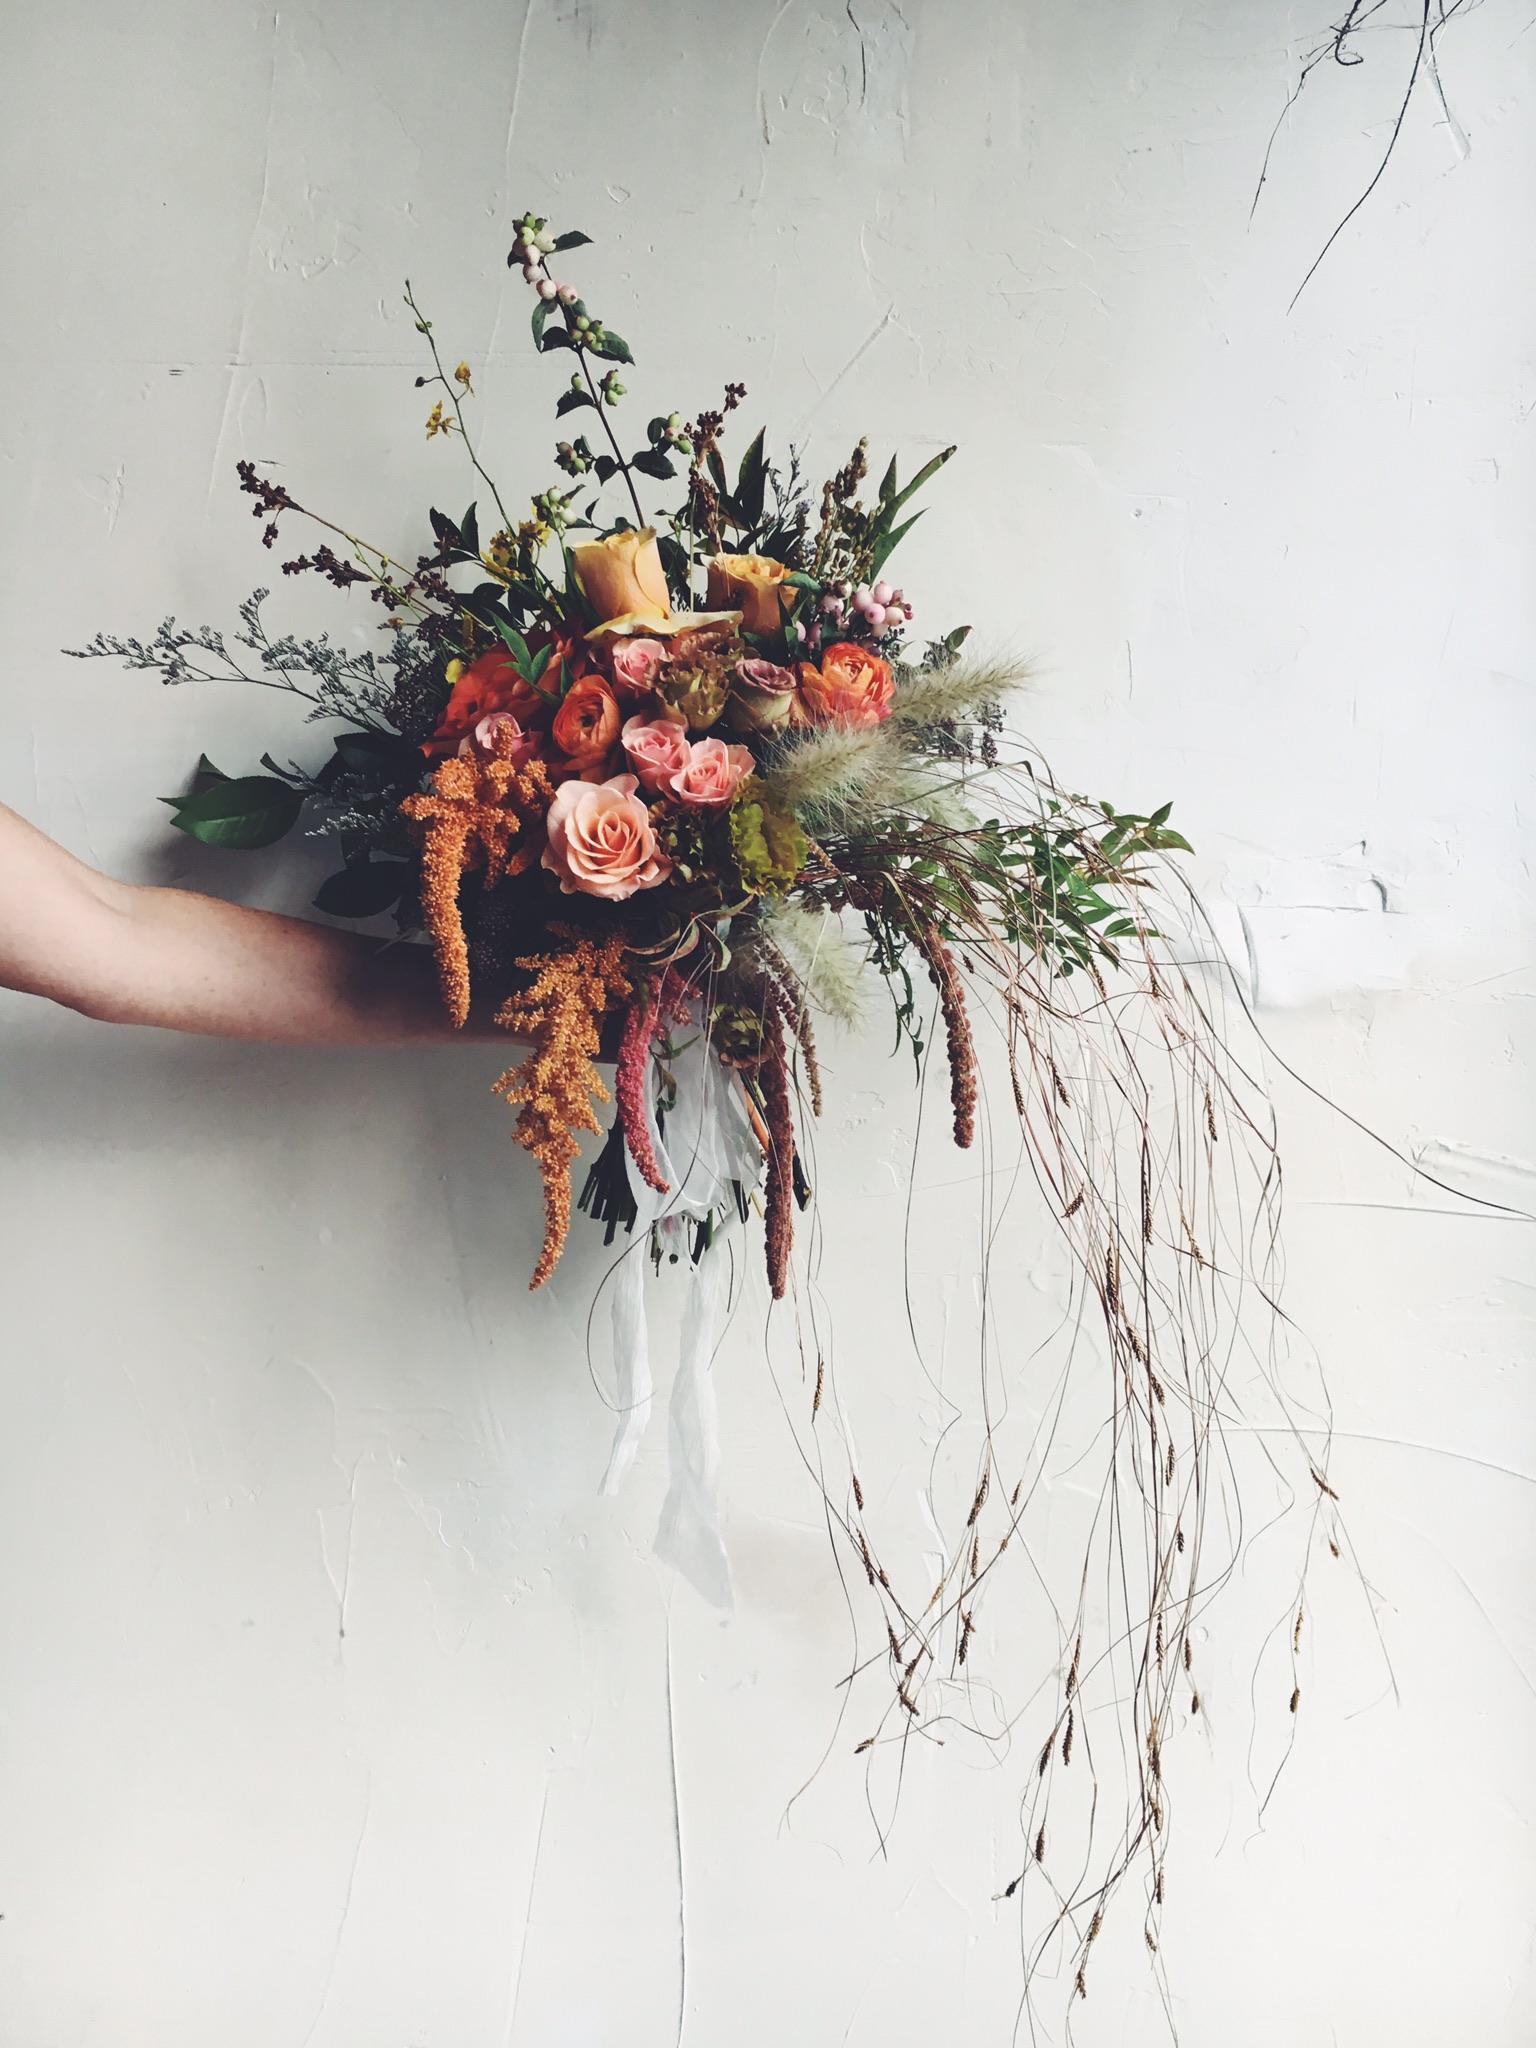 TheWildBunch_Bouquet_PhotoCreditTheWildBunch.JPG